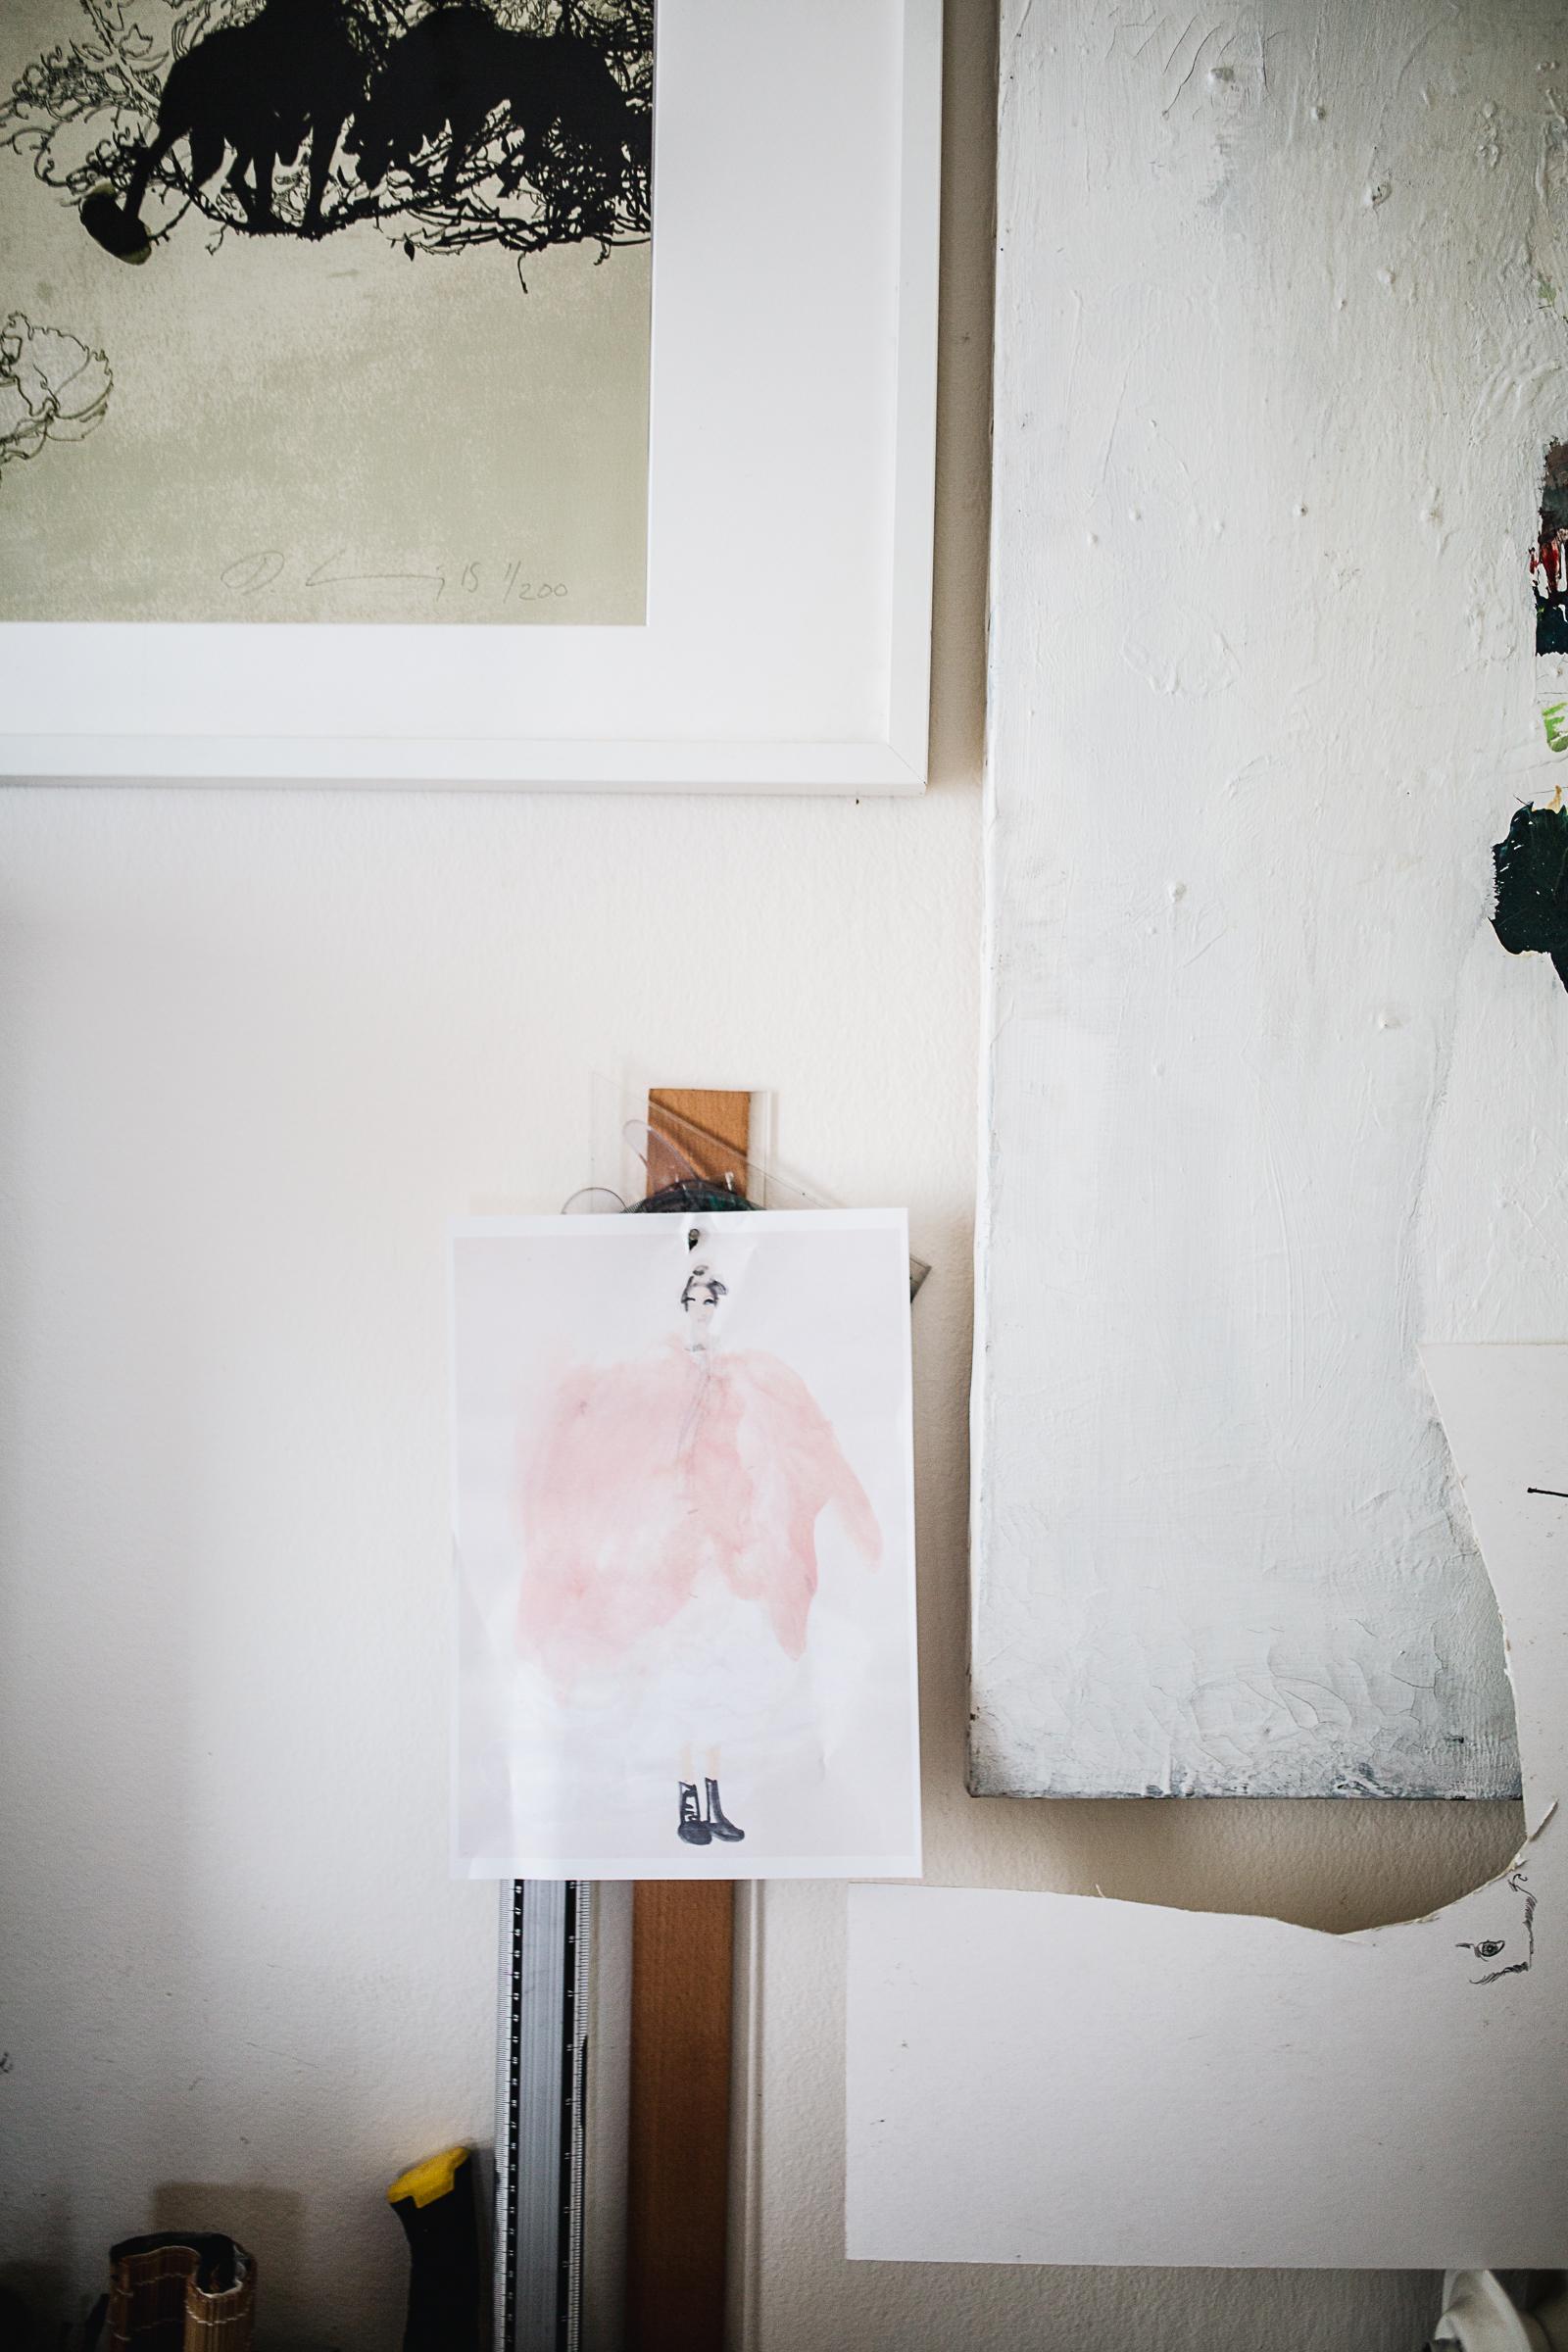 Studiobesuch bei Daniel Egnéus